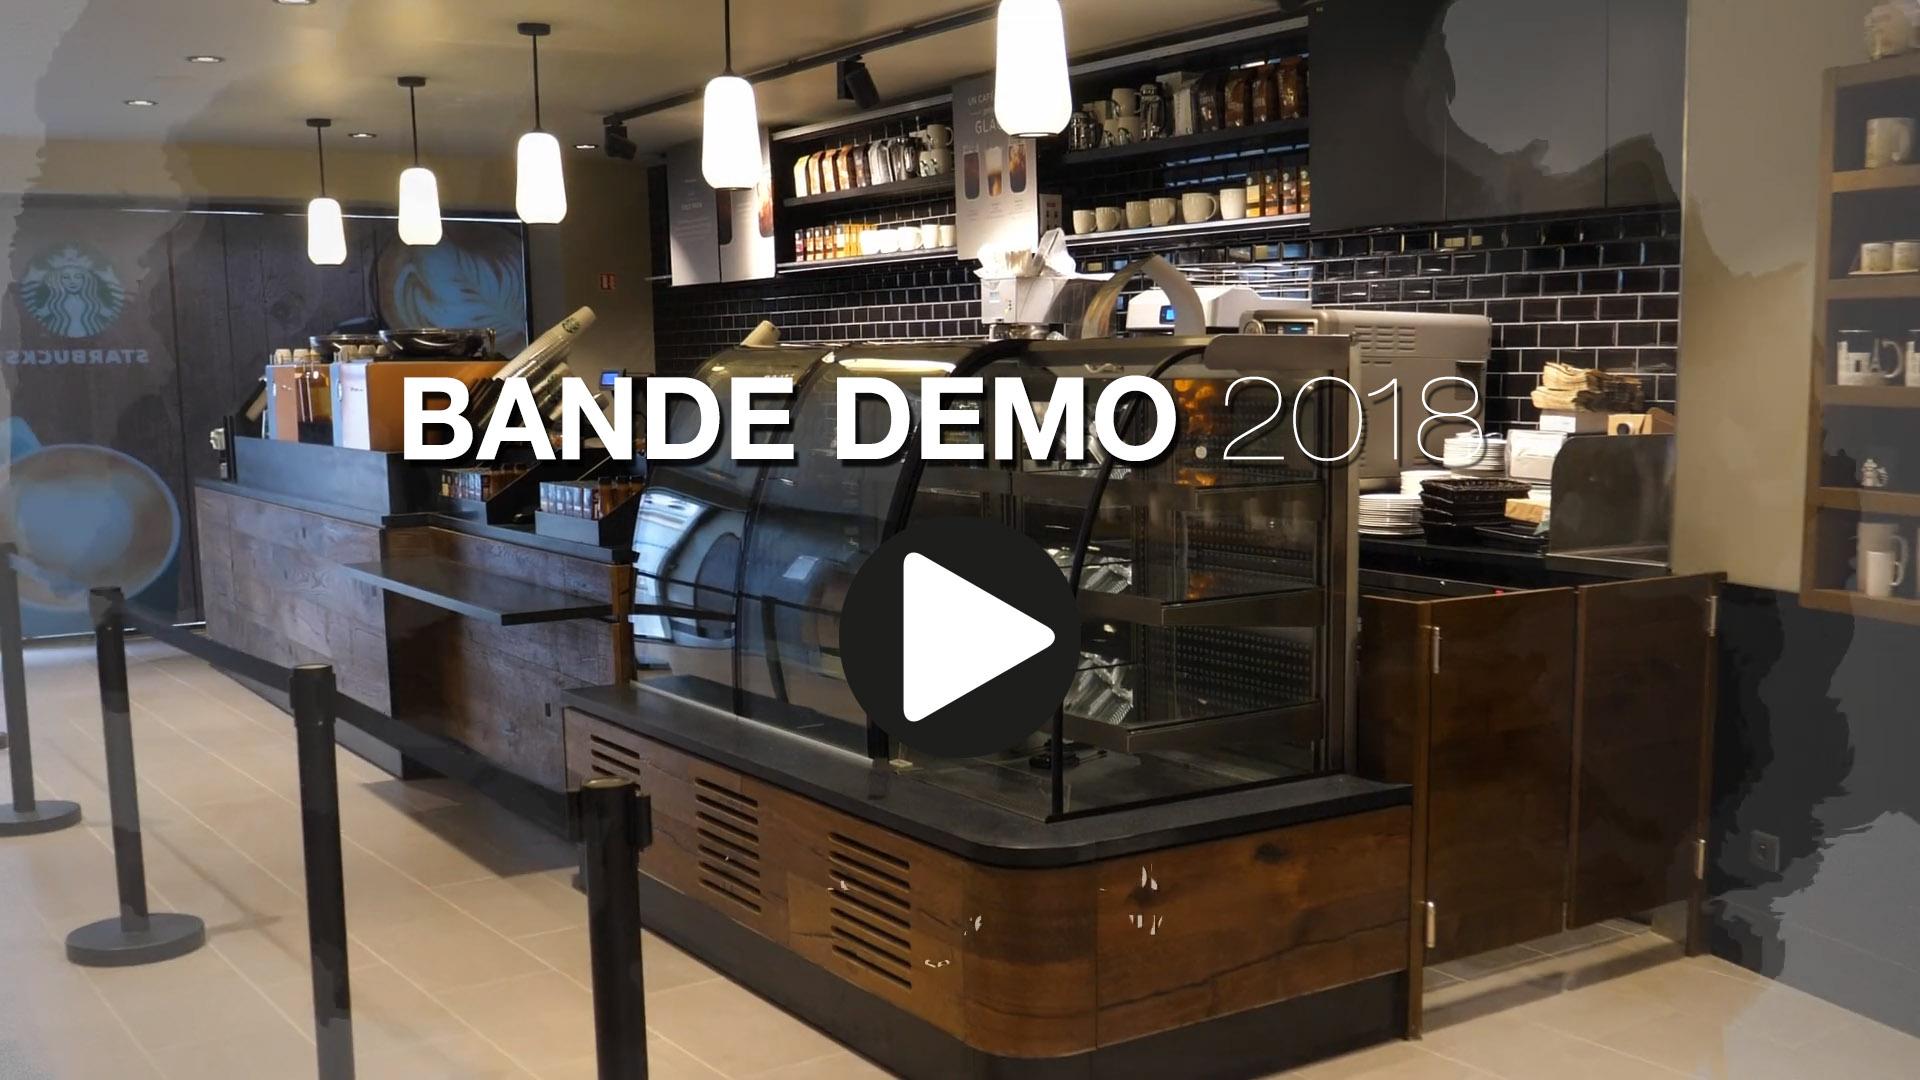 Bande demo réalisation vidéo 2018